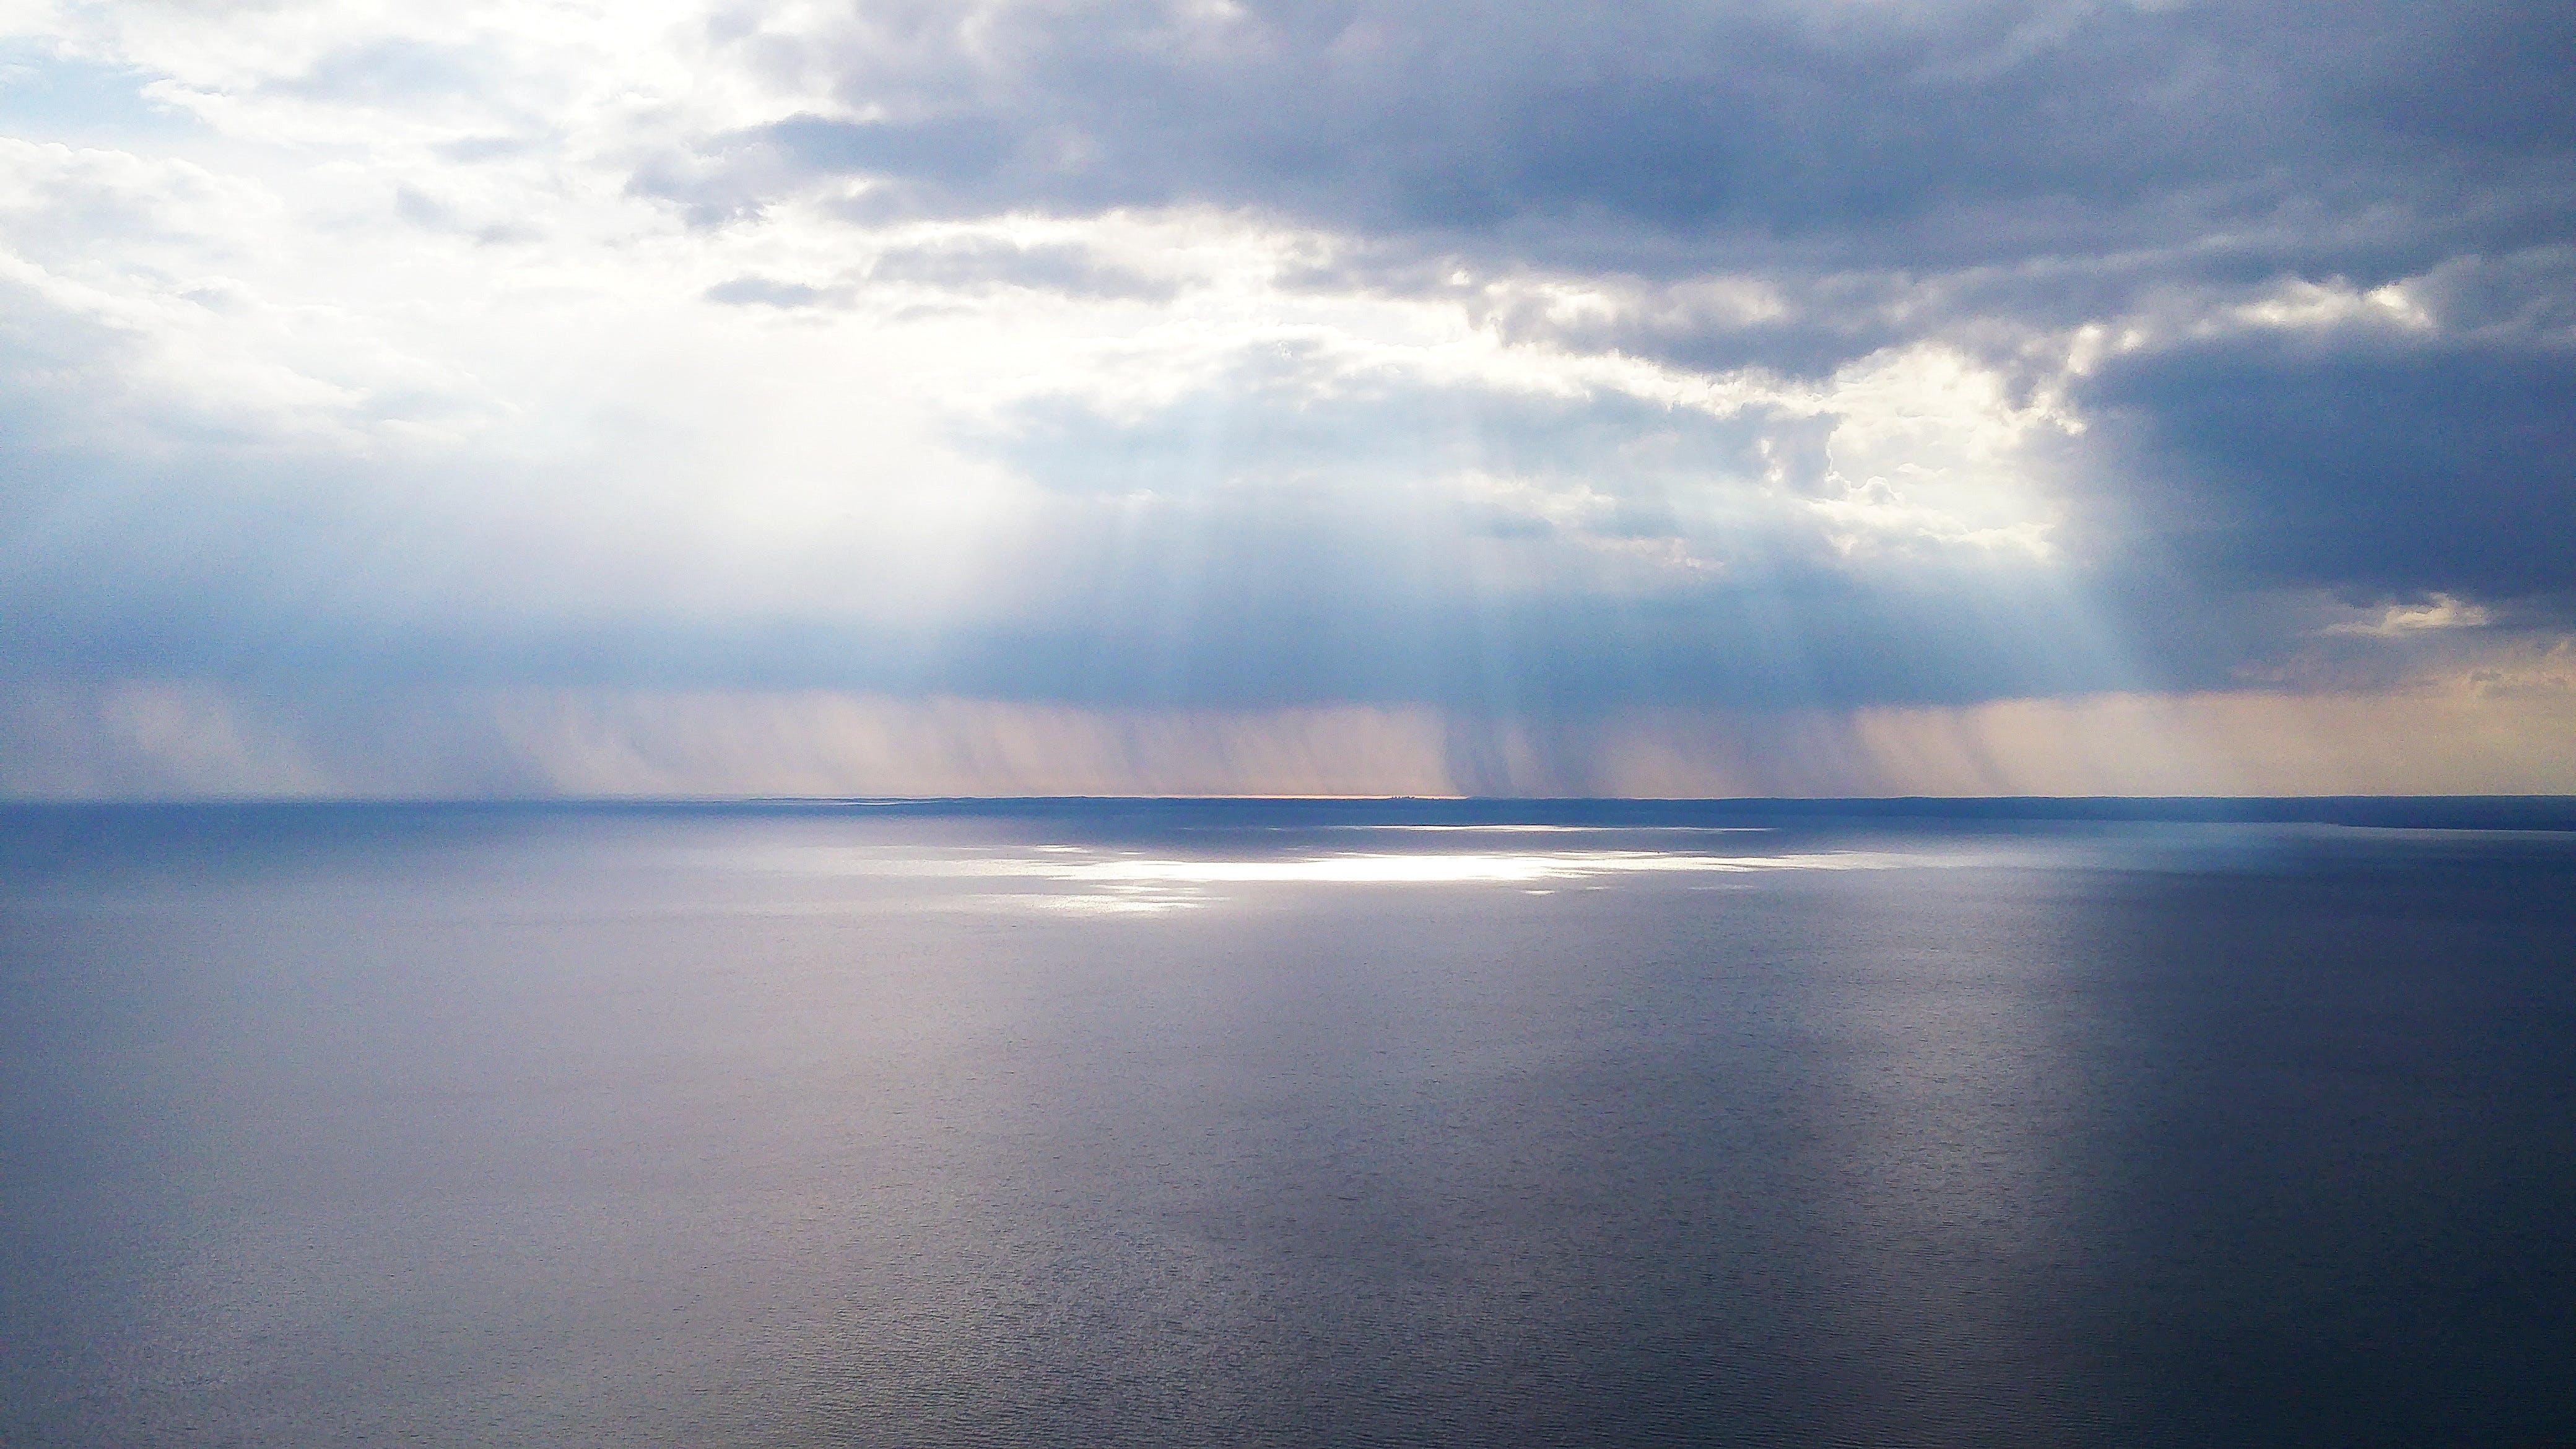 blue, calm, clouds